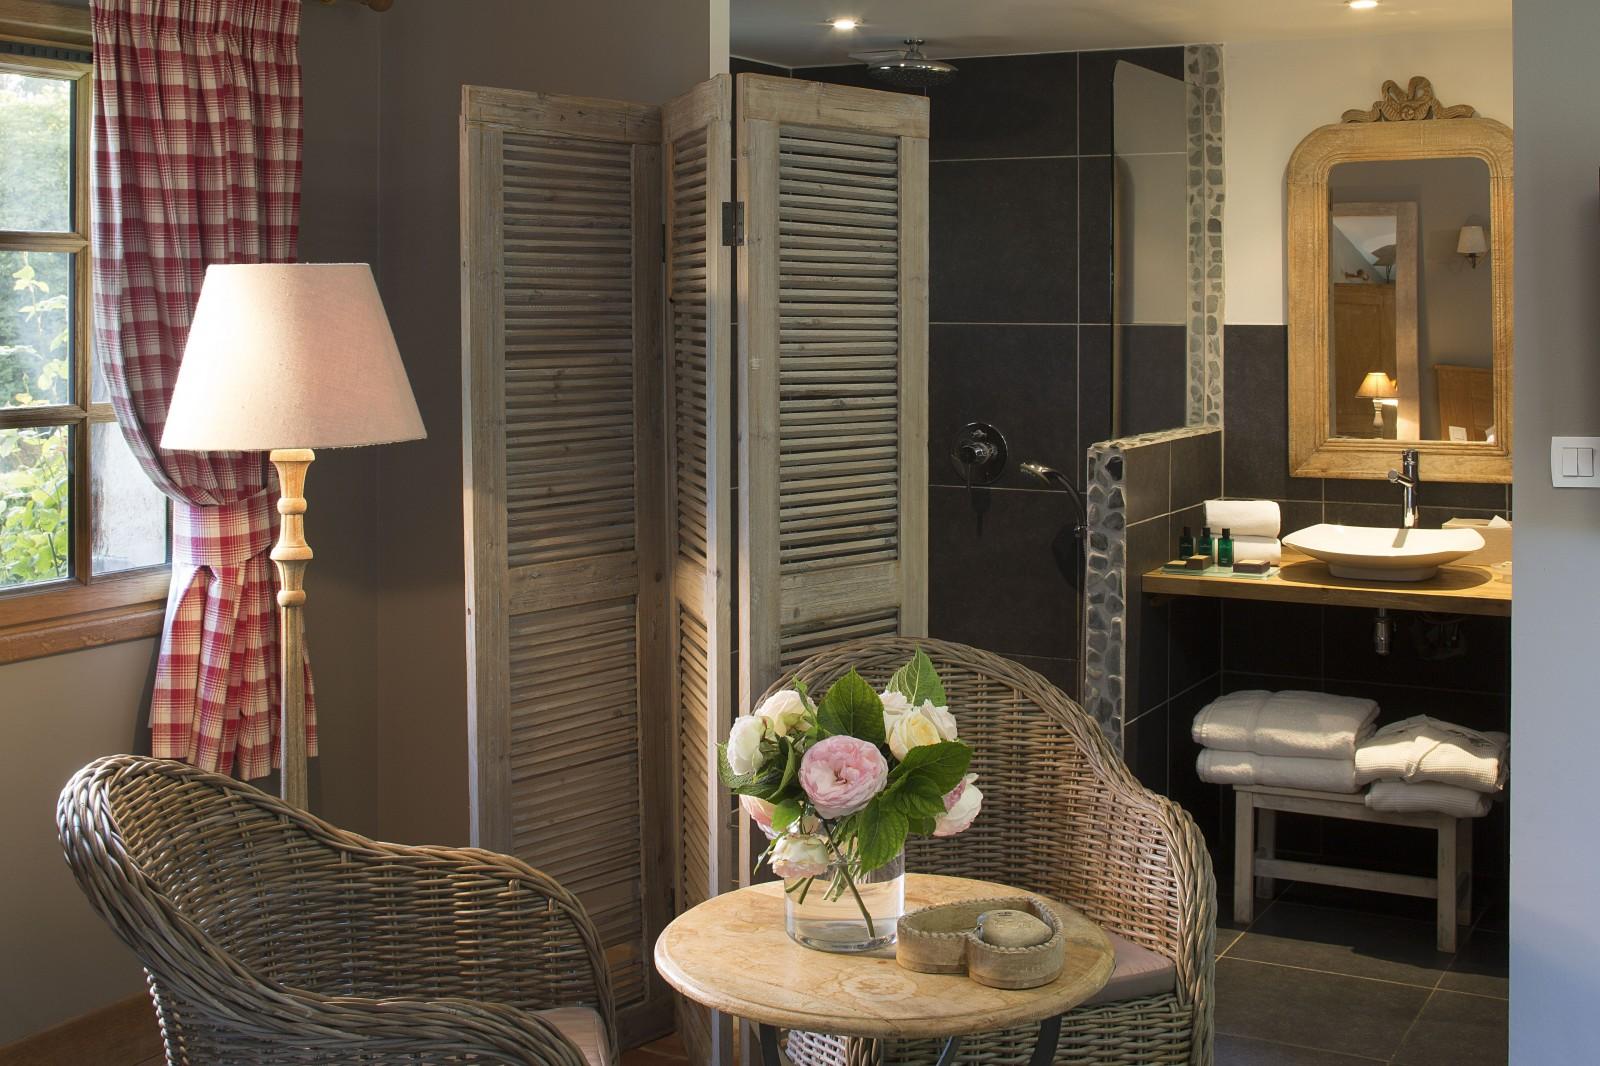 h tel auberge de la source h tel 4 toiles honfleur chambre campagne. Black Bedroom Furniture Sets. Home Design Ideas